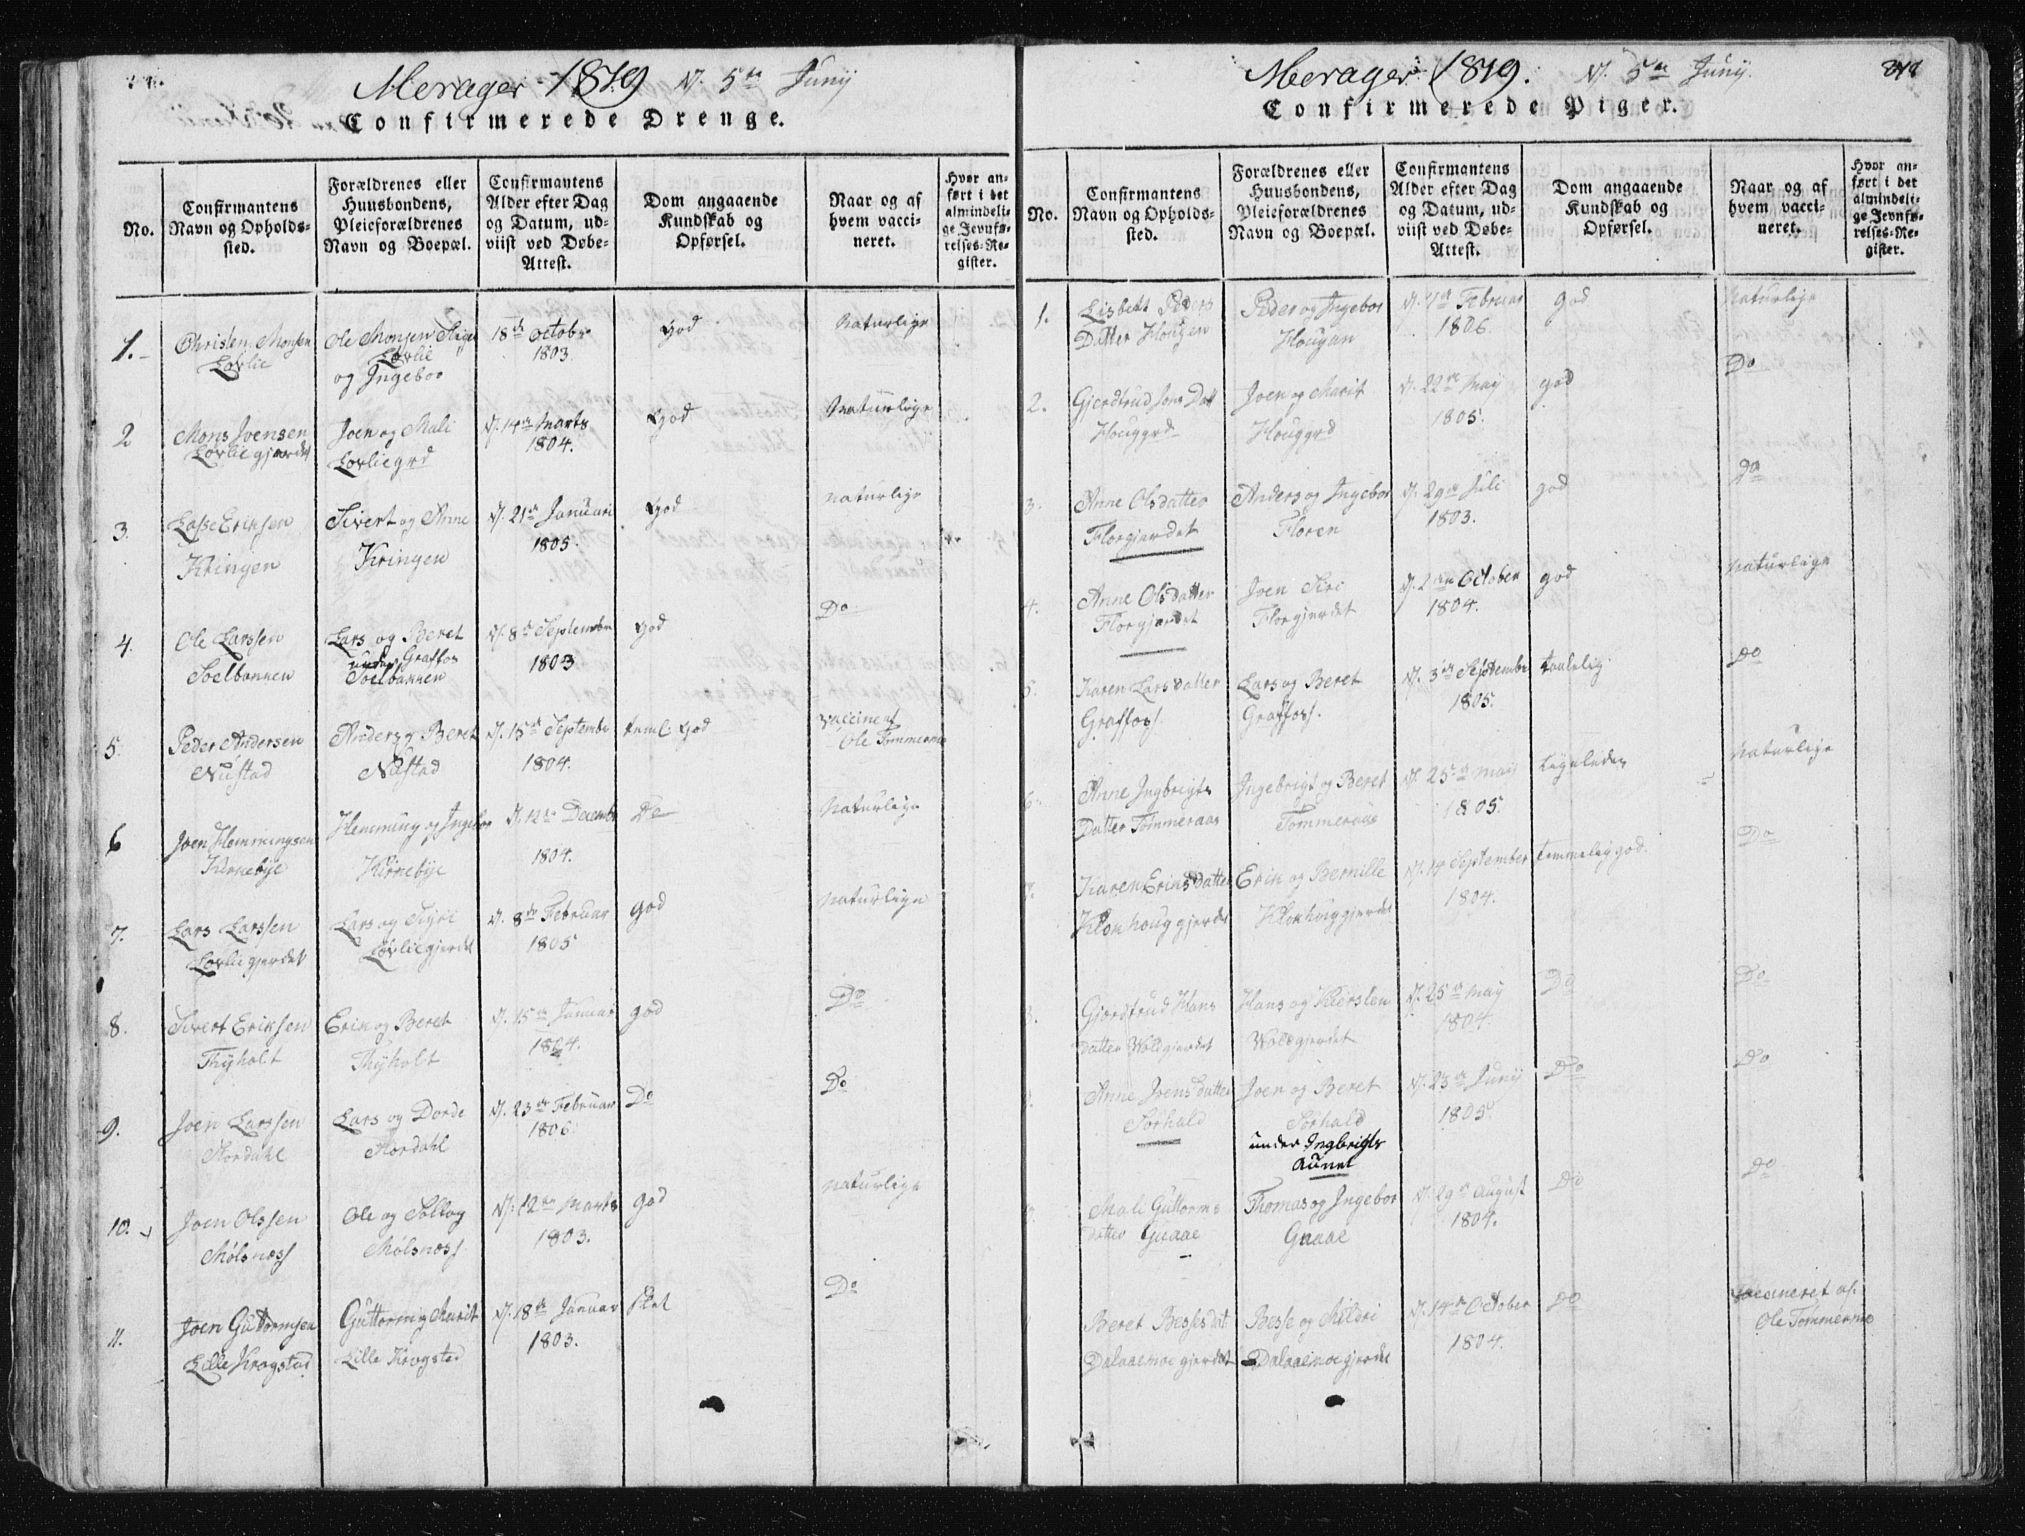 SAT, Ministerialprotokoller, klokkerbøker og fødselsregistre - Nord-Trøndelag, 709/L0061: Ministerialbok nr. 709A08 /4, 1815-1819, s. 278